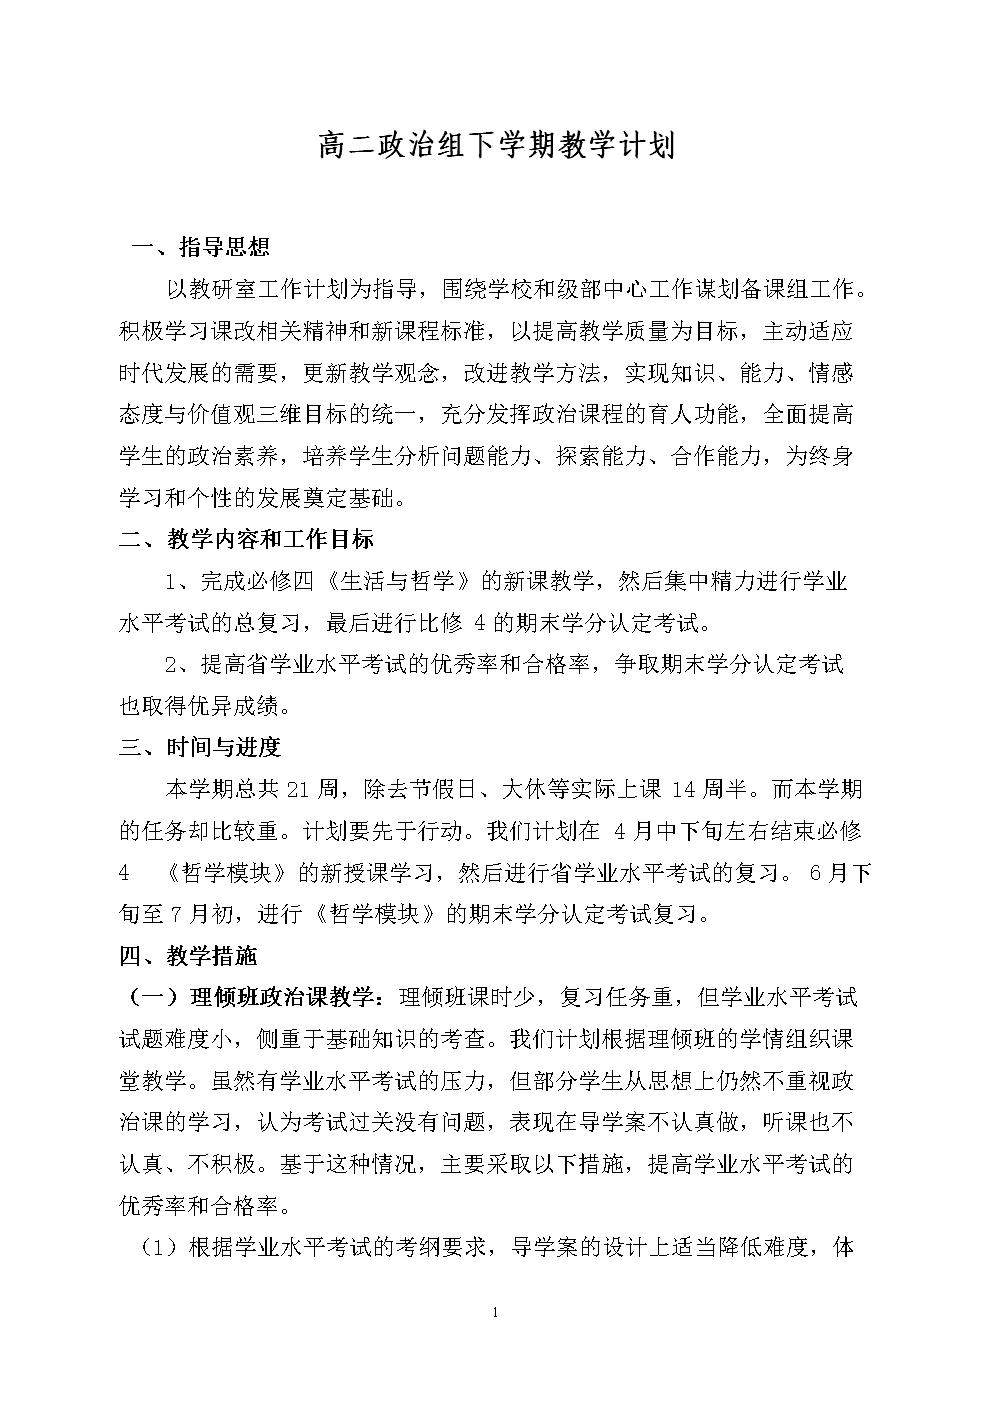 高二政治组下学期教学计划.doc